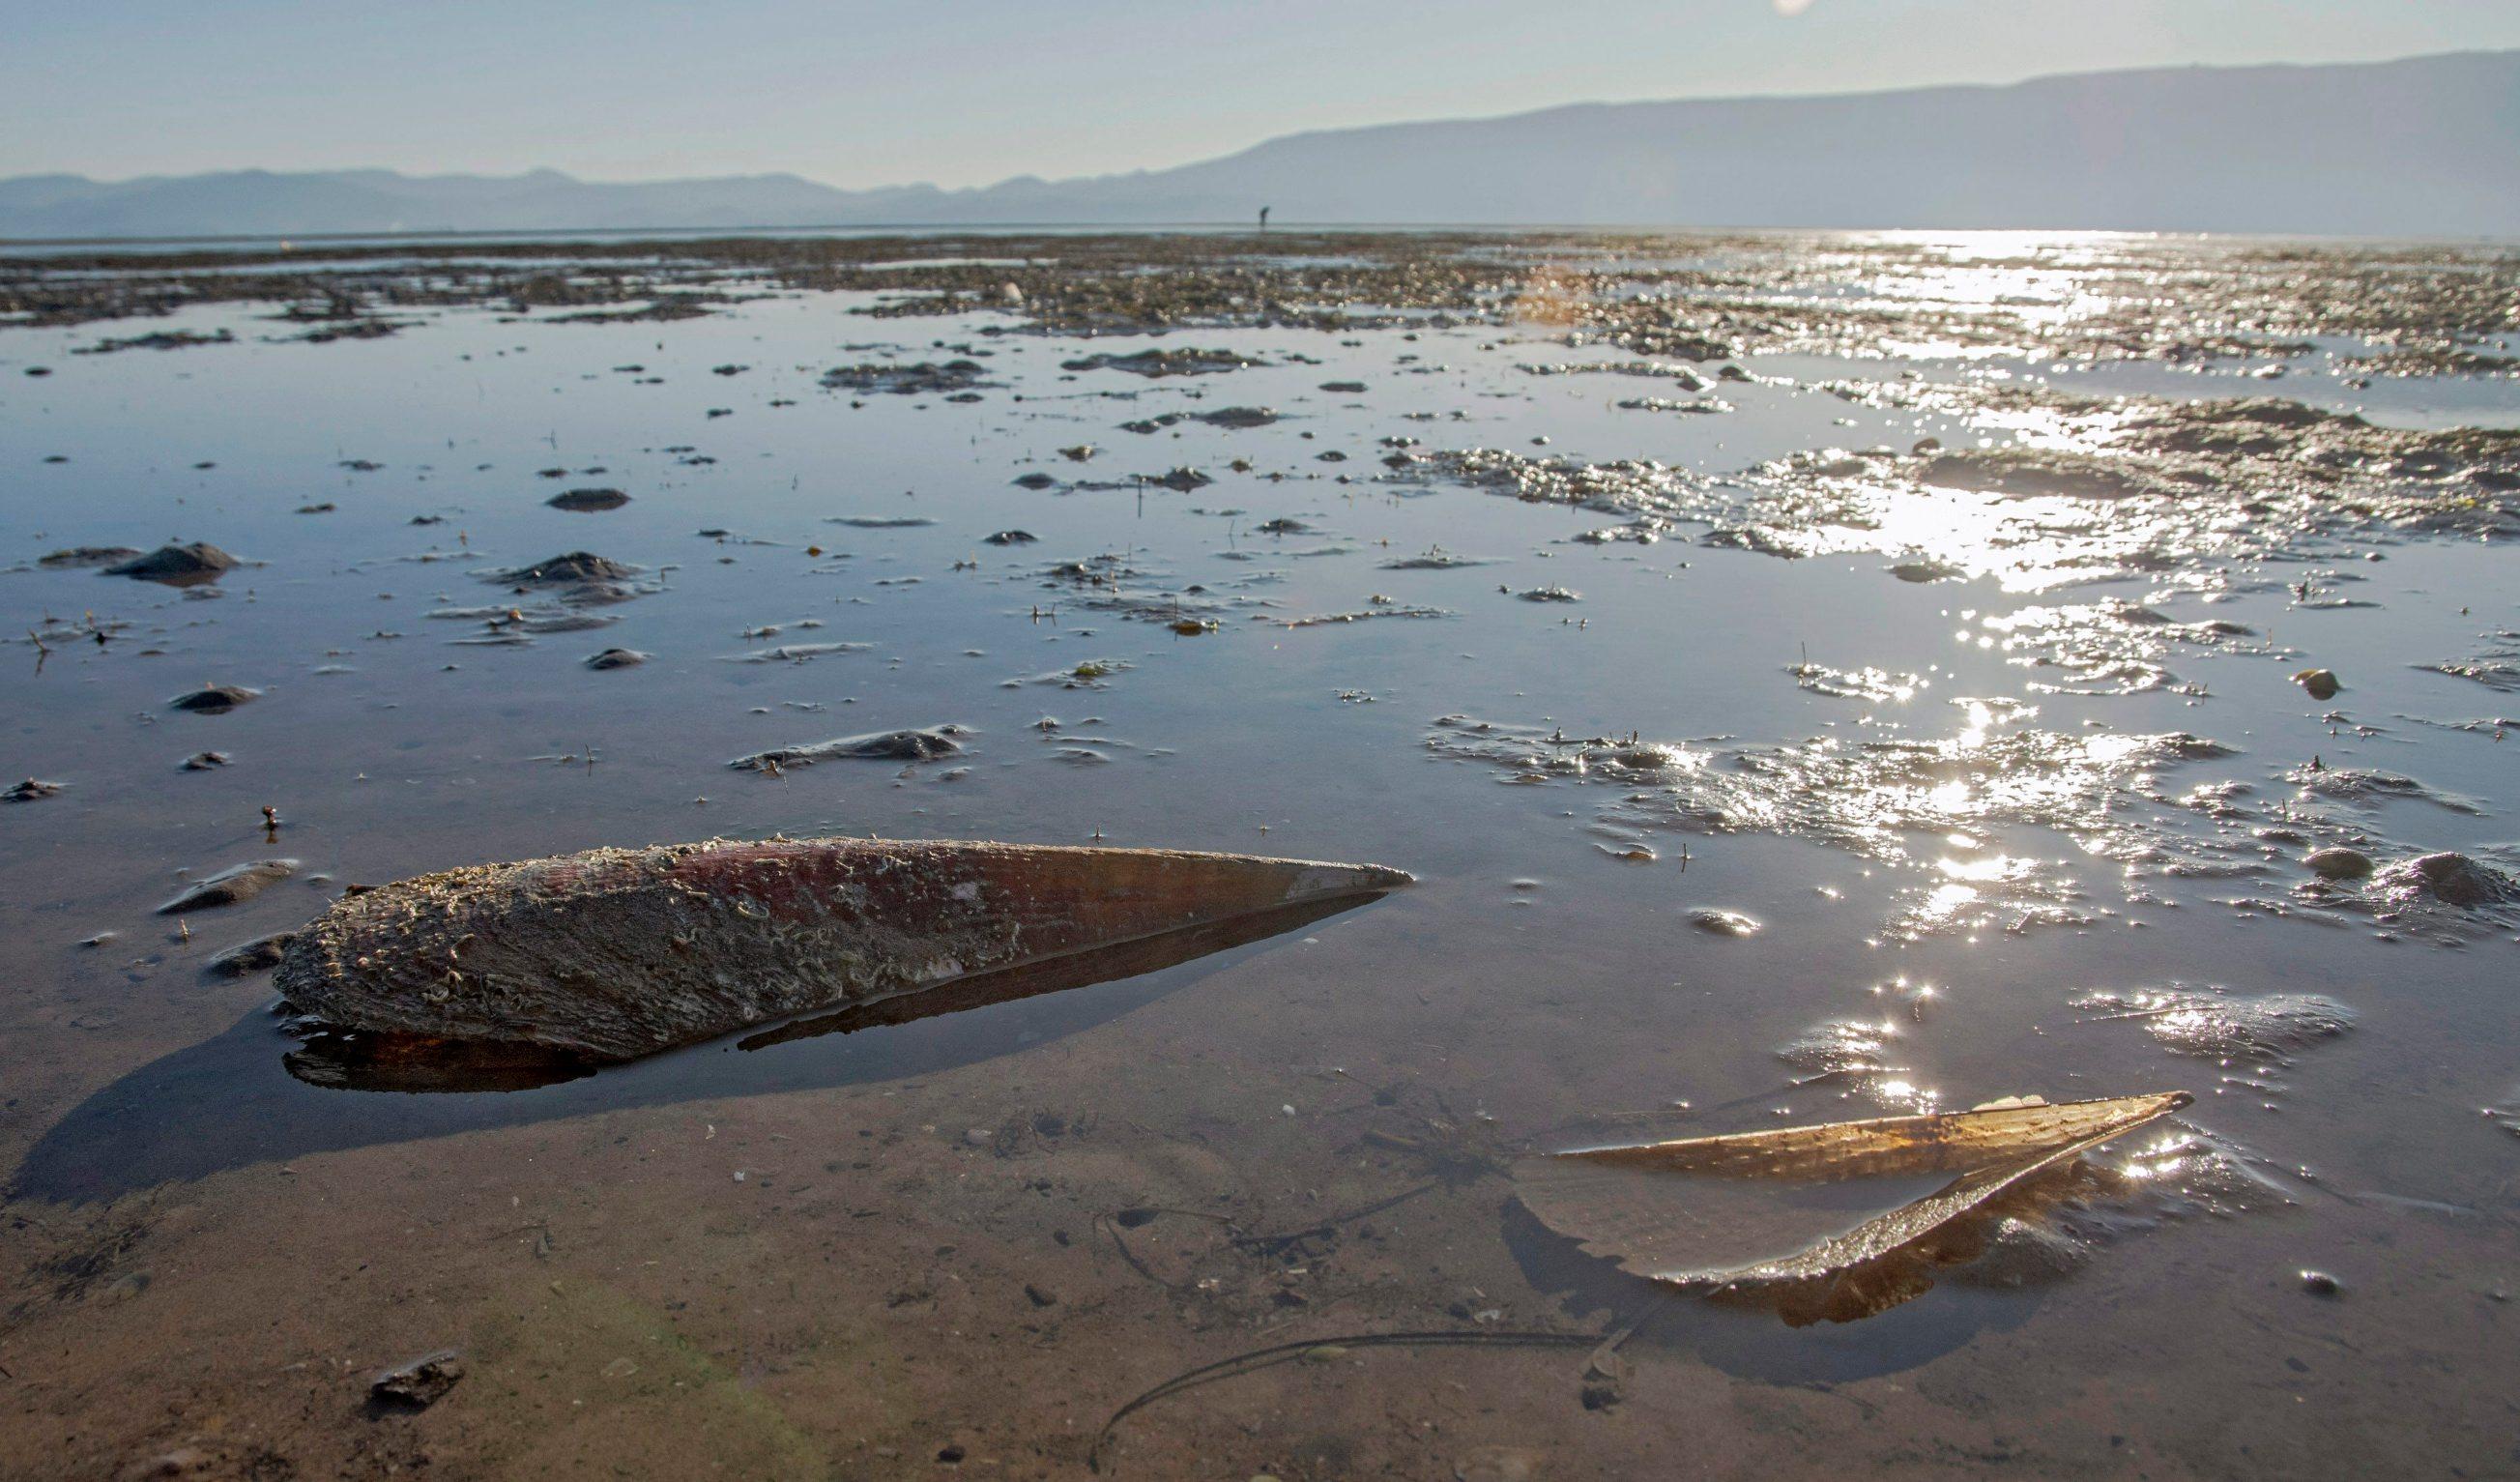 Usce Neretve, 040120. Pomor Periski na Uscu Neretve. U pojedinim dijelovima Mediterana periska ubrzano izumire zbog parazitske bolesti, koja je zahvatila i periske na uscu Neretve. Periska je inace zasticena vrsta ciji je izlov, sakupljanje te trgovna strogo zabranjena. Na fotografiji: Ljusture periski nakon oseke na uscu Neretve. Foto: Denis Jerkovic / CROPIX